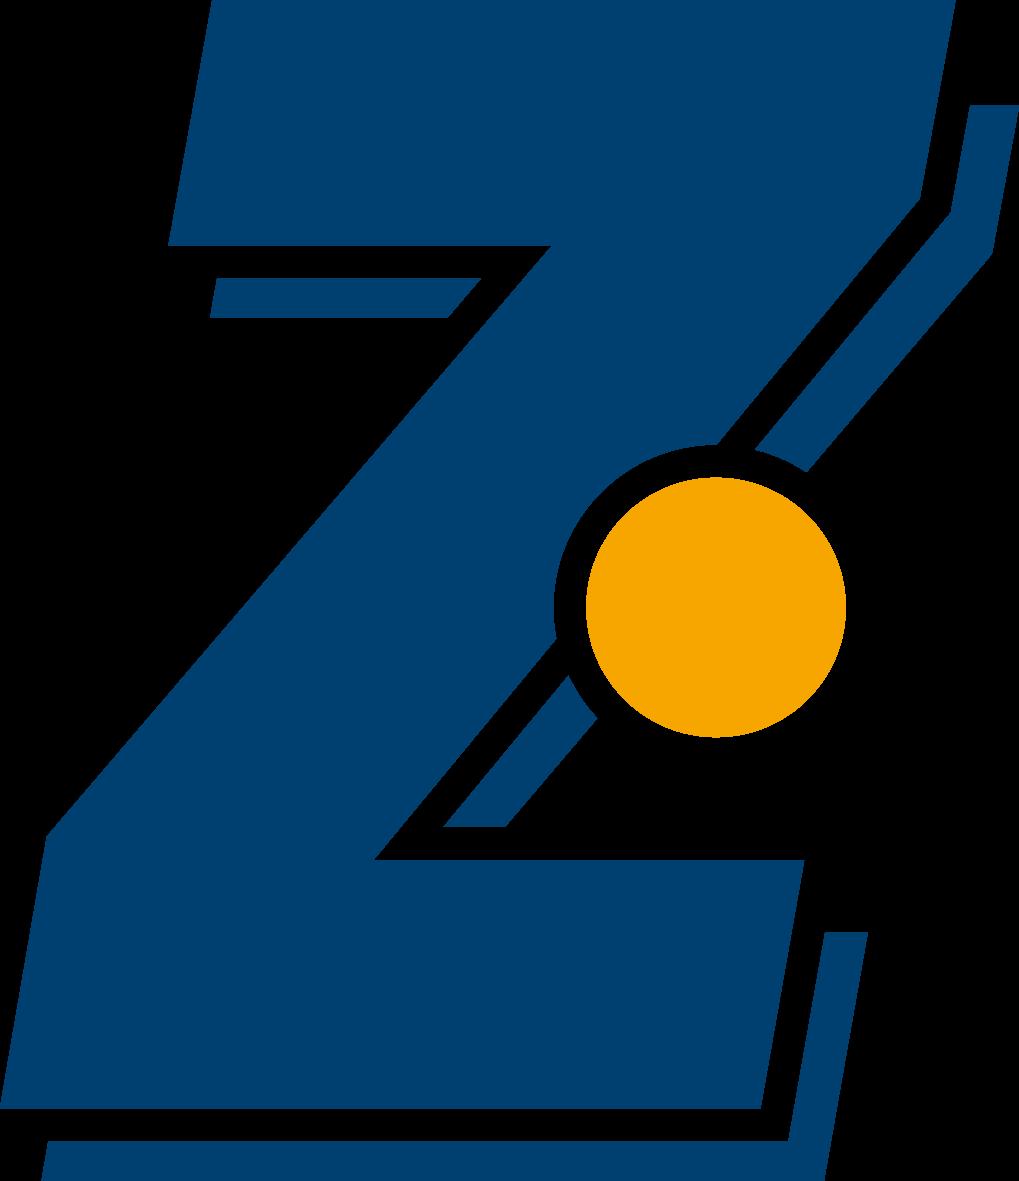 ZICONDIS